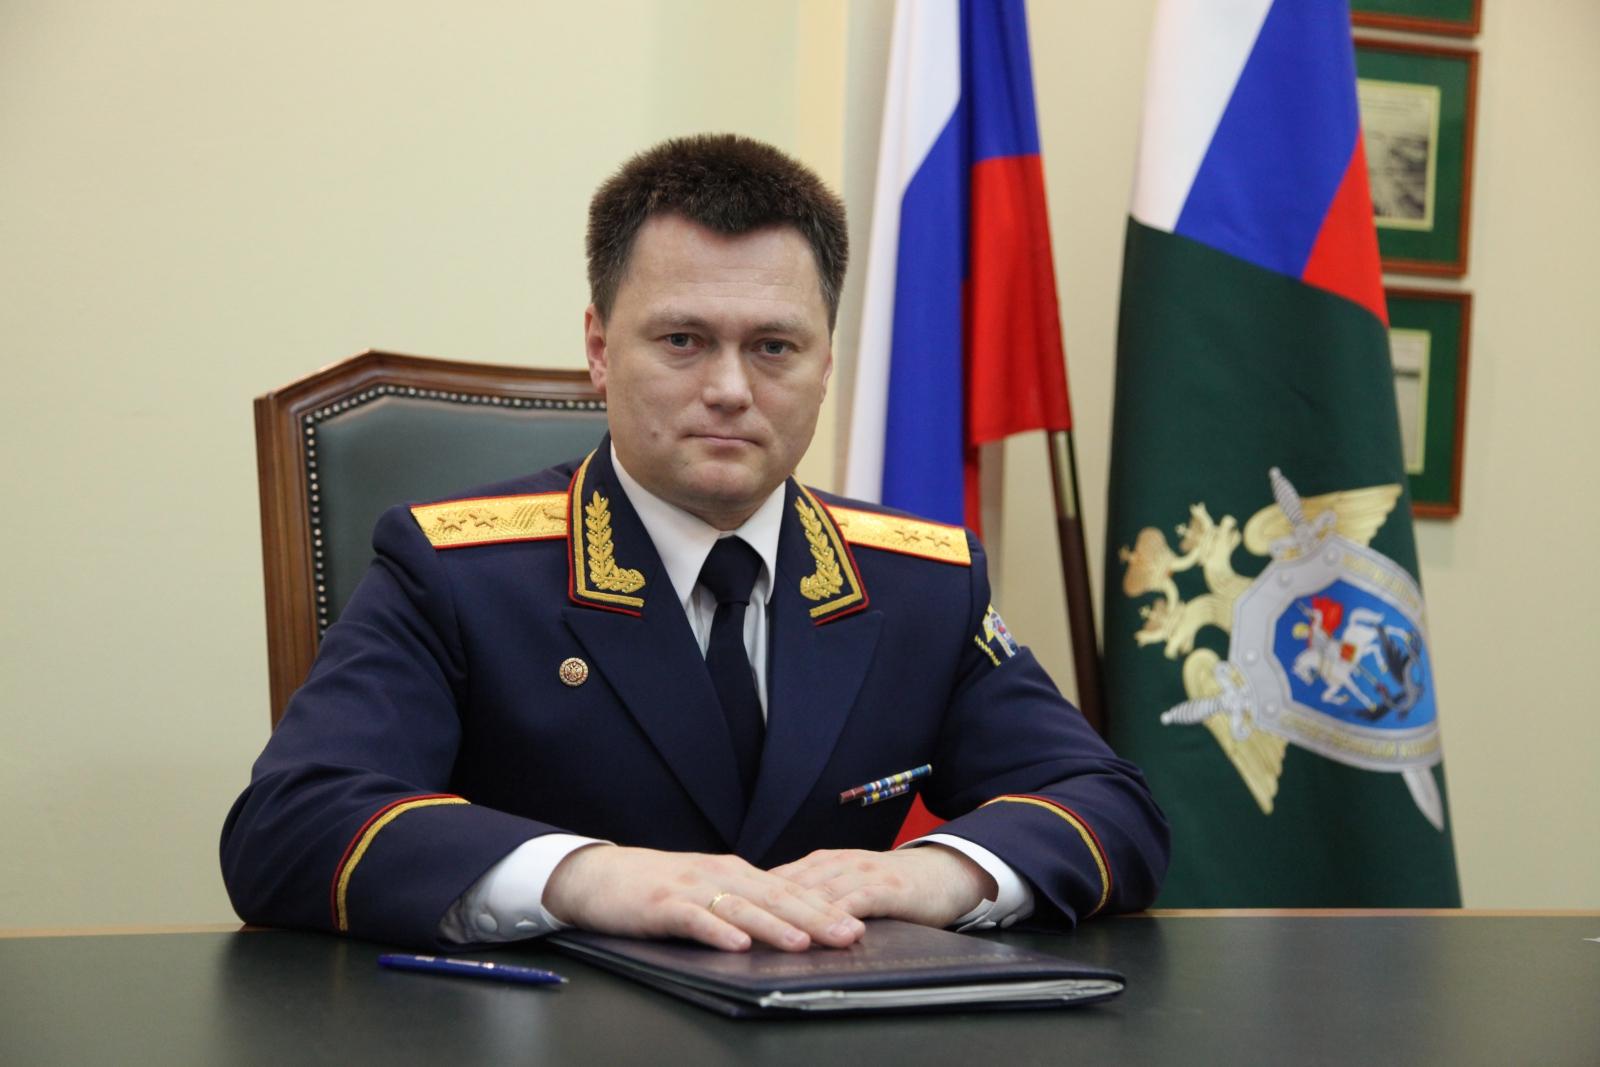 Краснов принял присягу при вступлении в должность генпрокурора